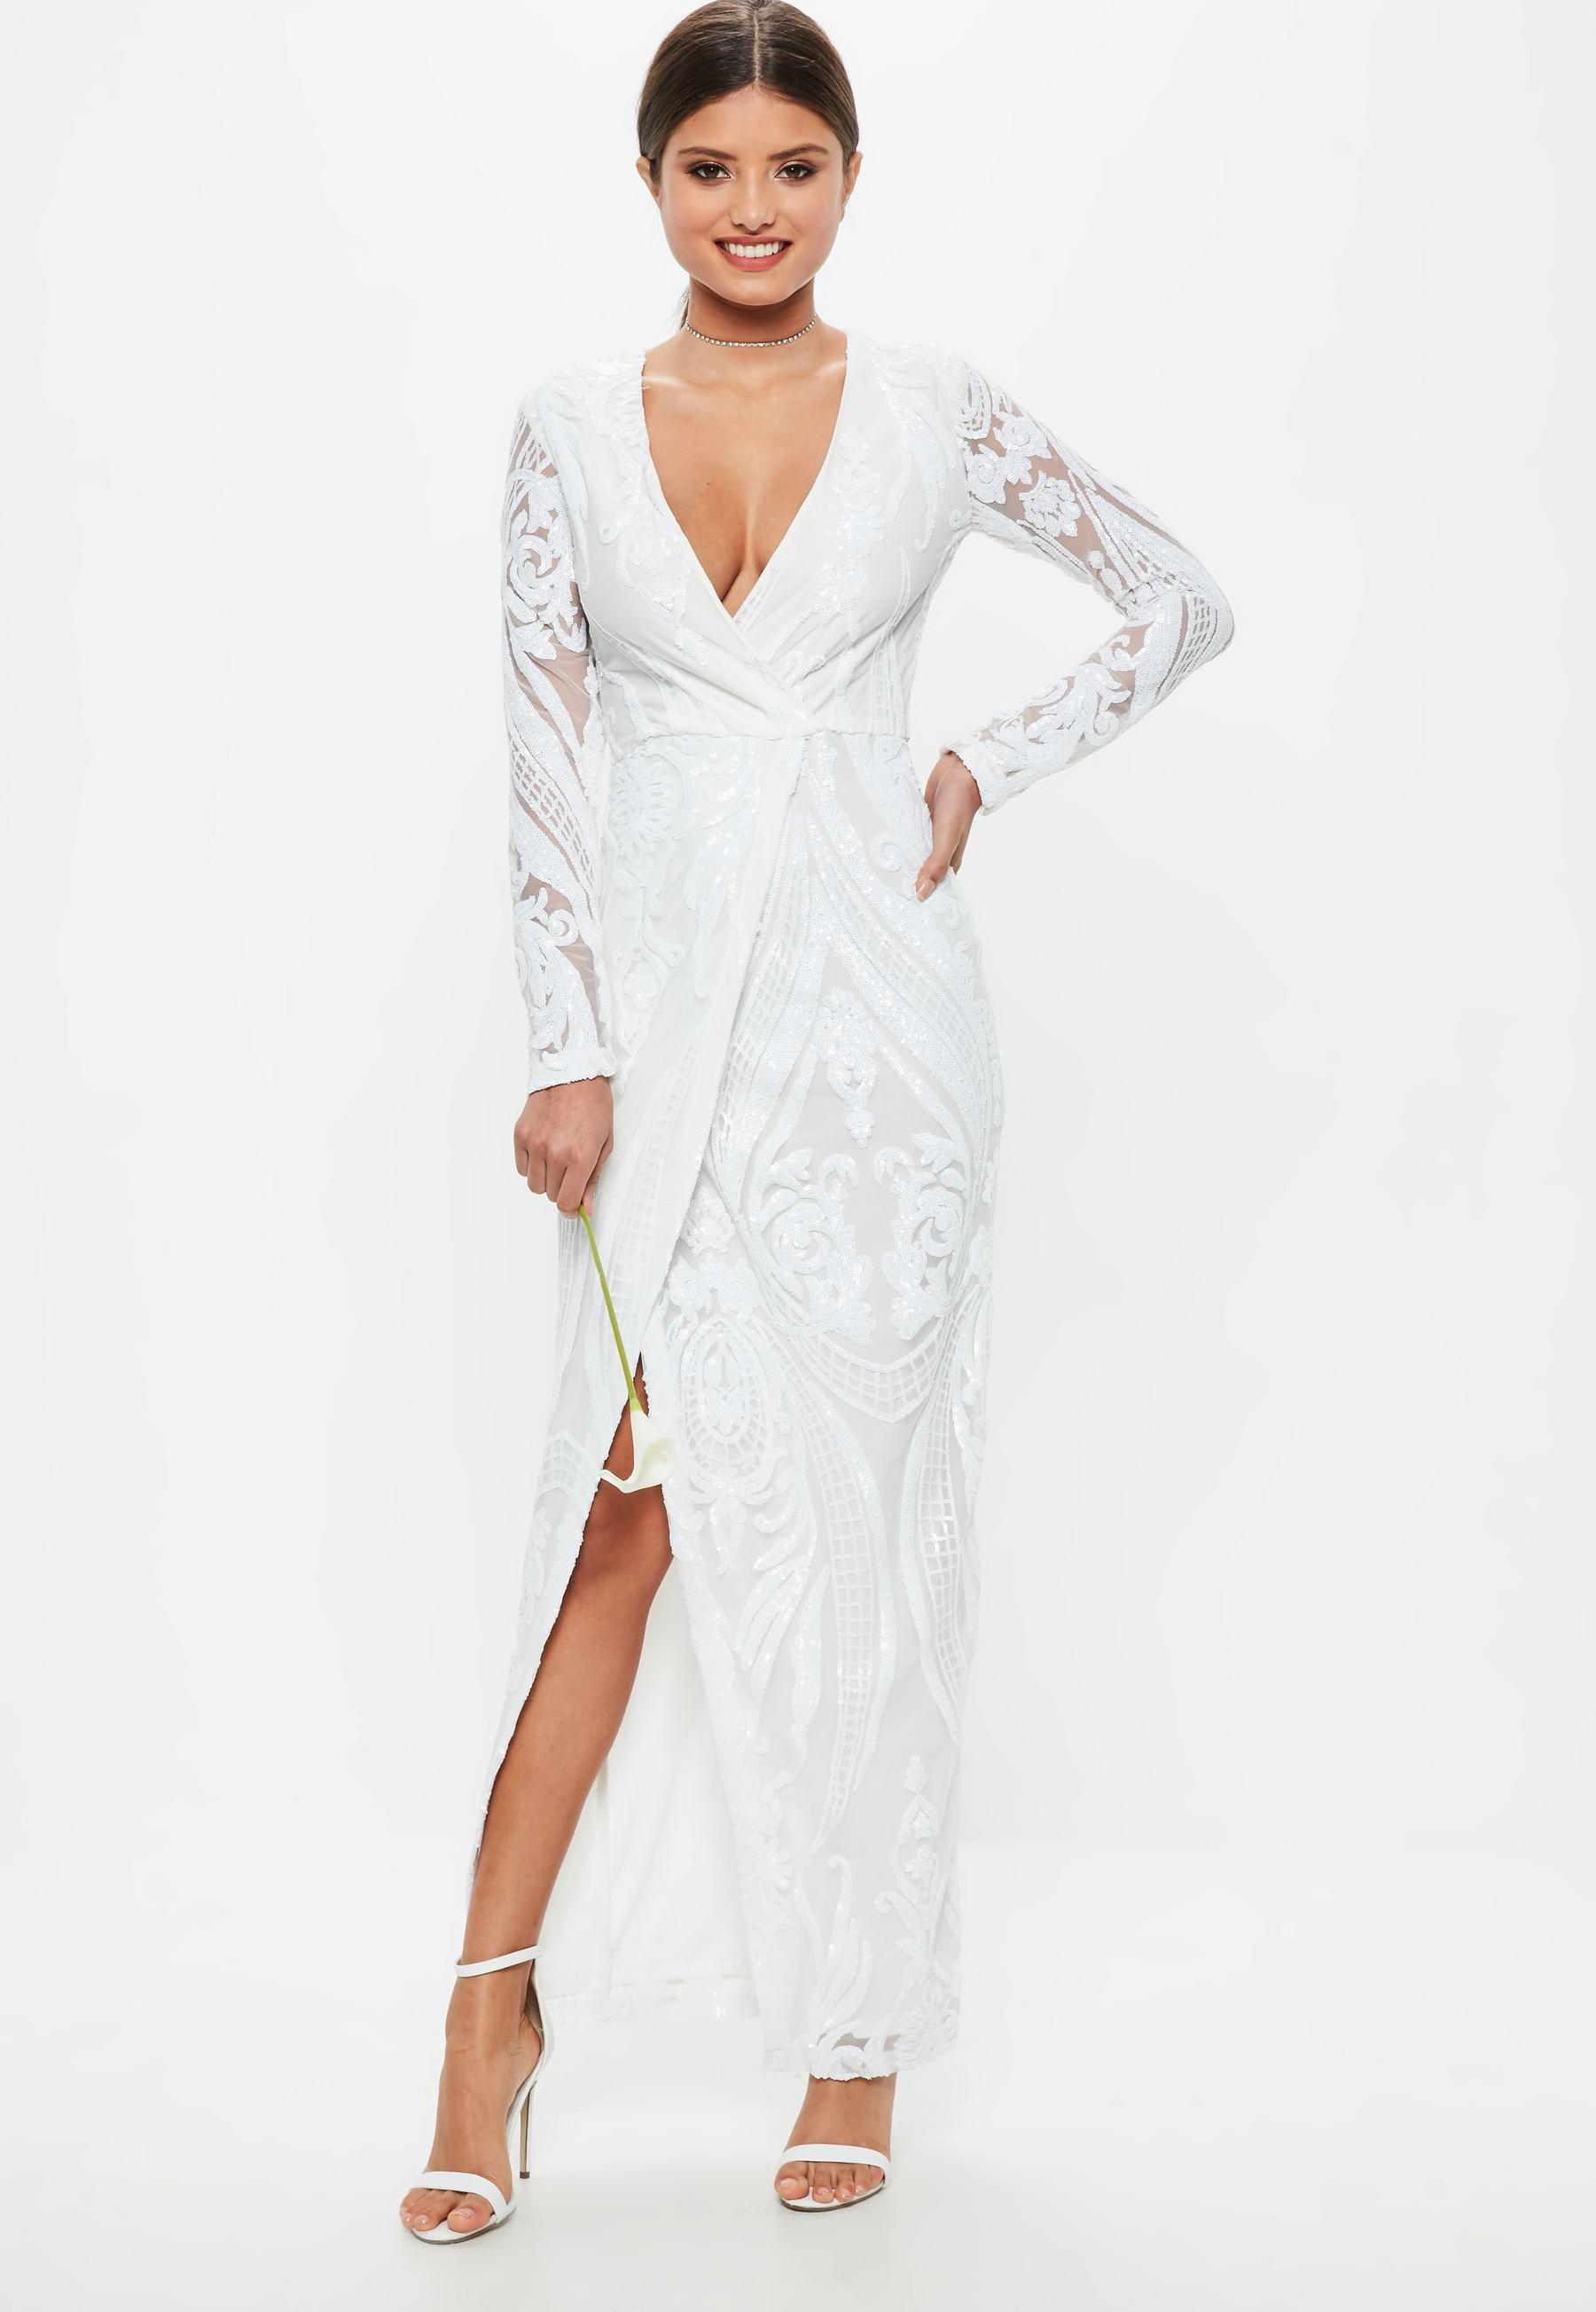 59ae954099 Ślubna Biała zawijana sukienka maxi w cekinowe wzory z długimi rękawami